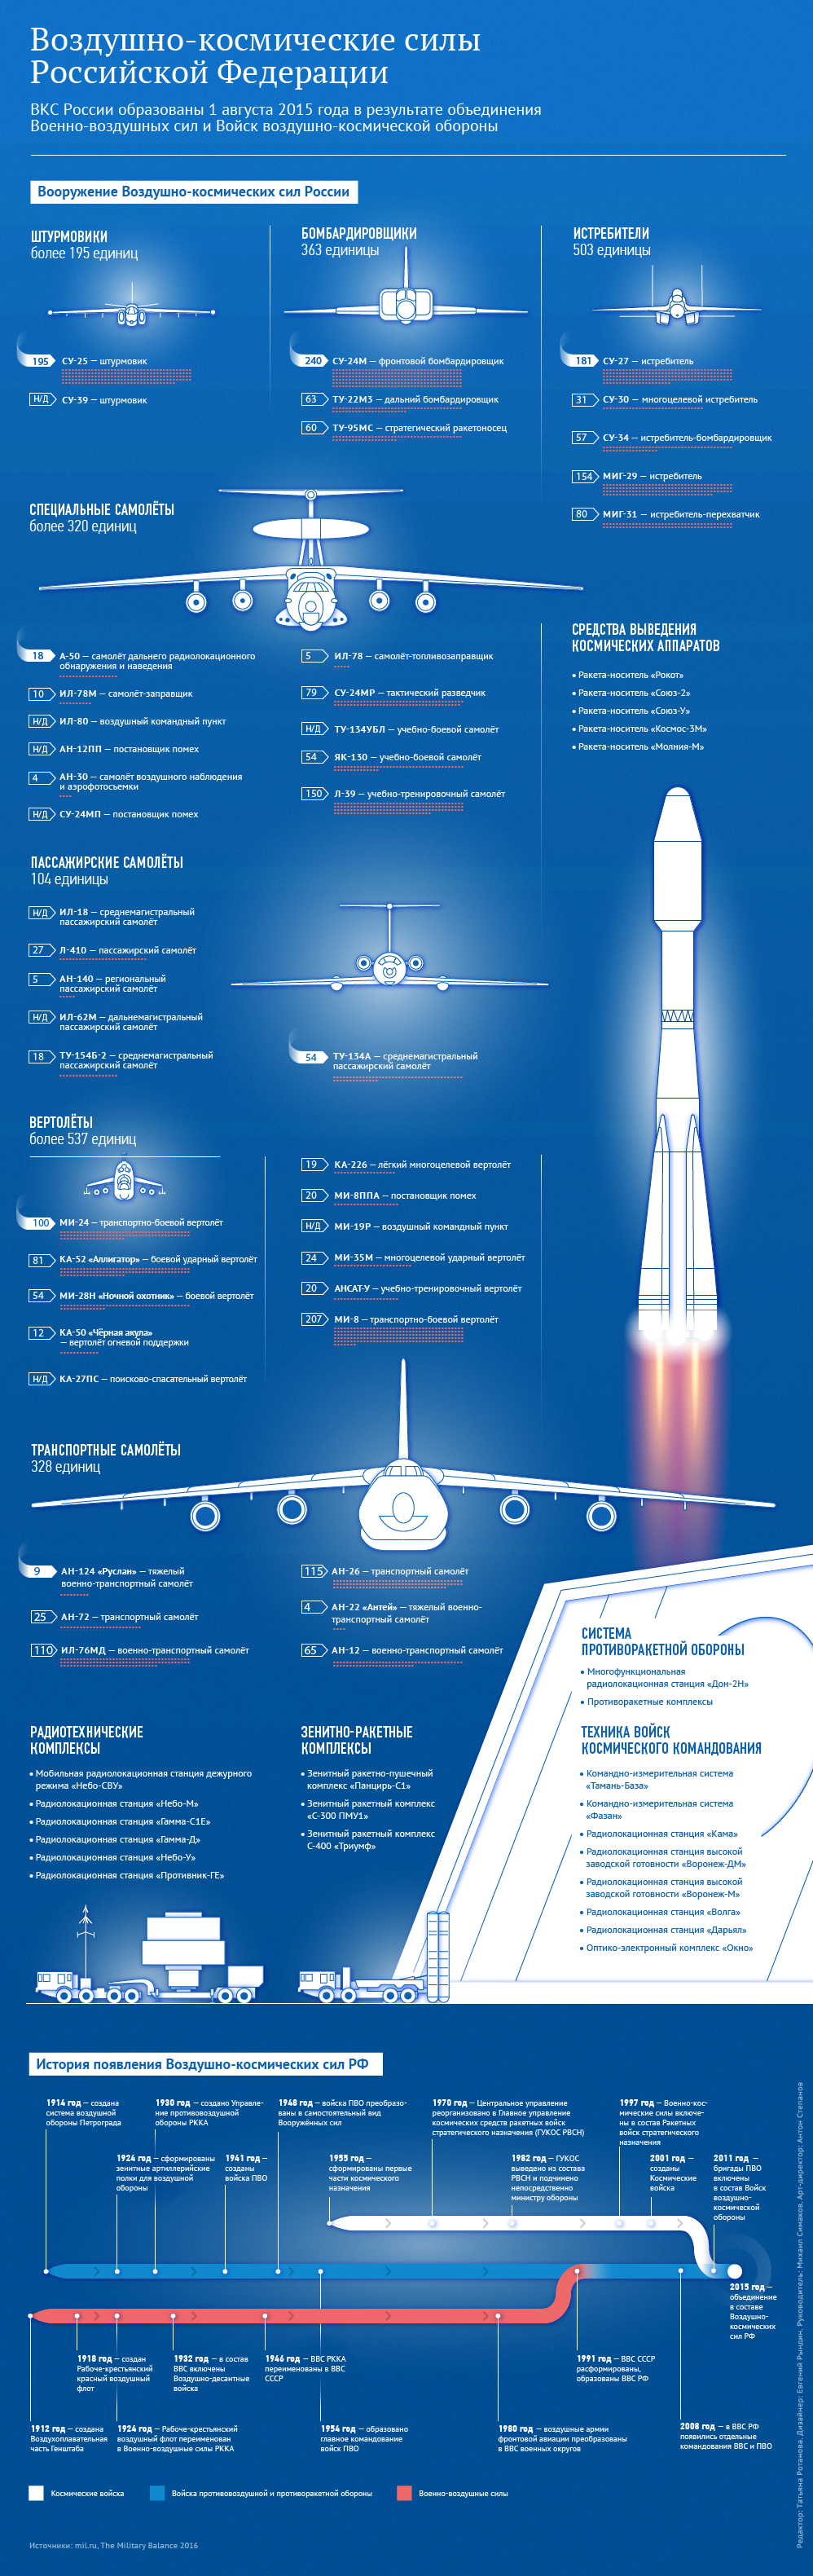 Воздушно-космические силы Российской Федерации